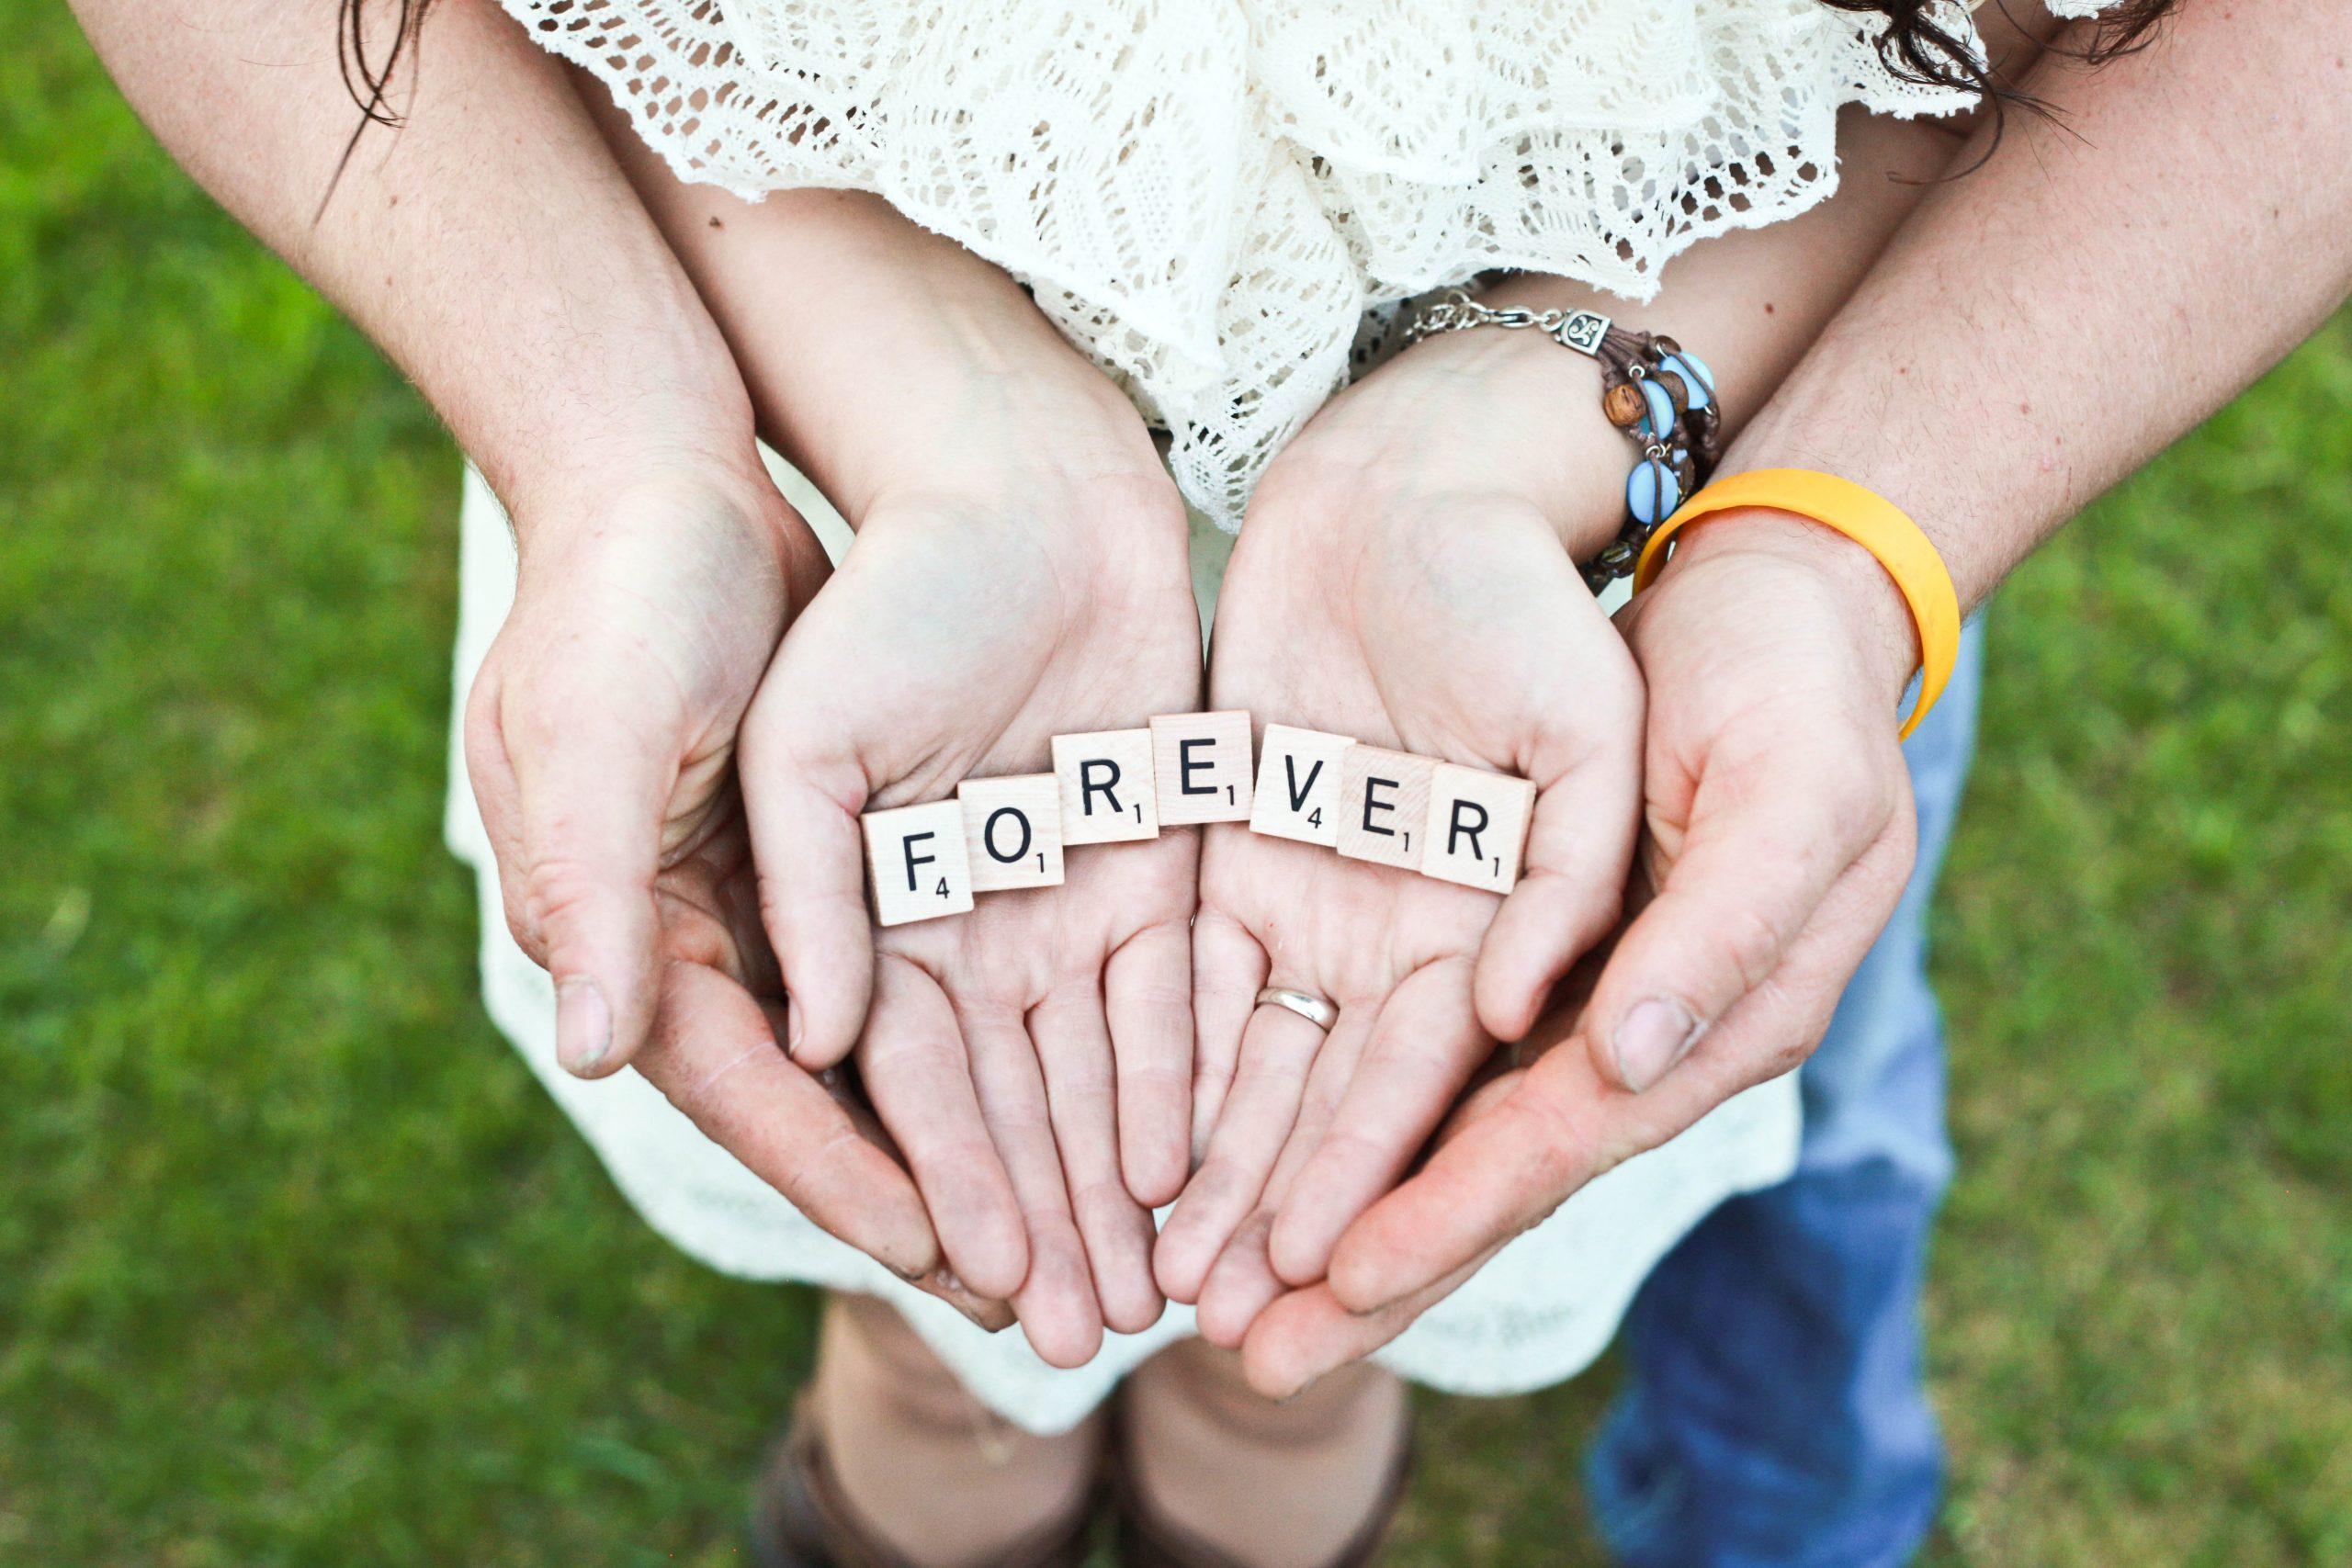 """Händer som hålls samman med ordbrickor där det står """"forever"""""""